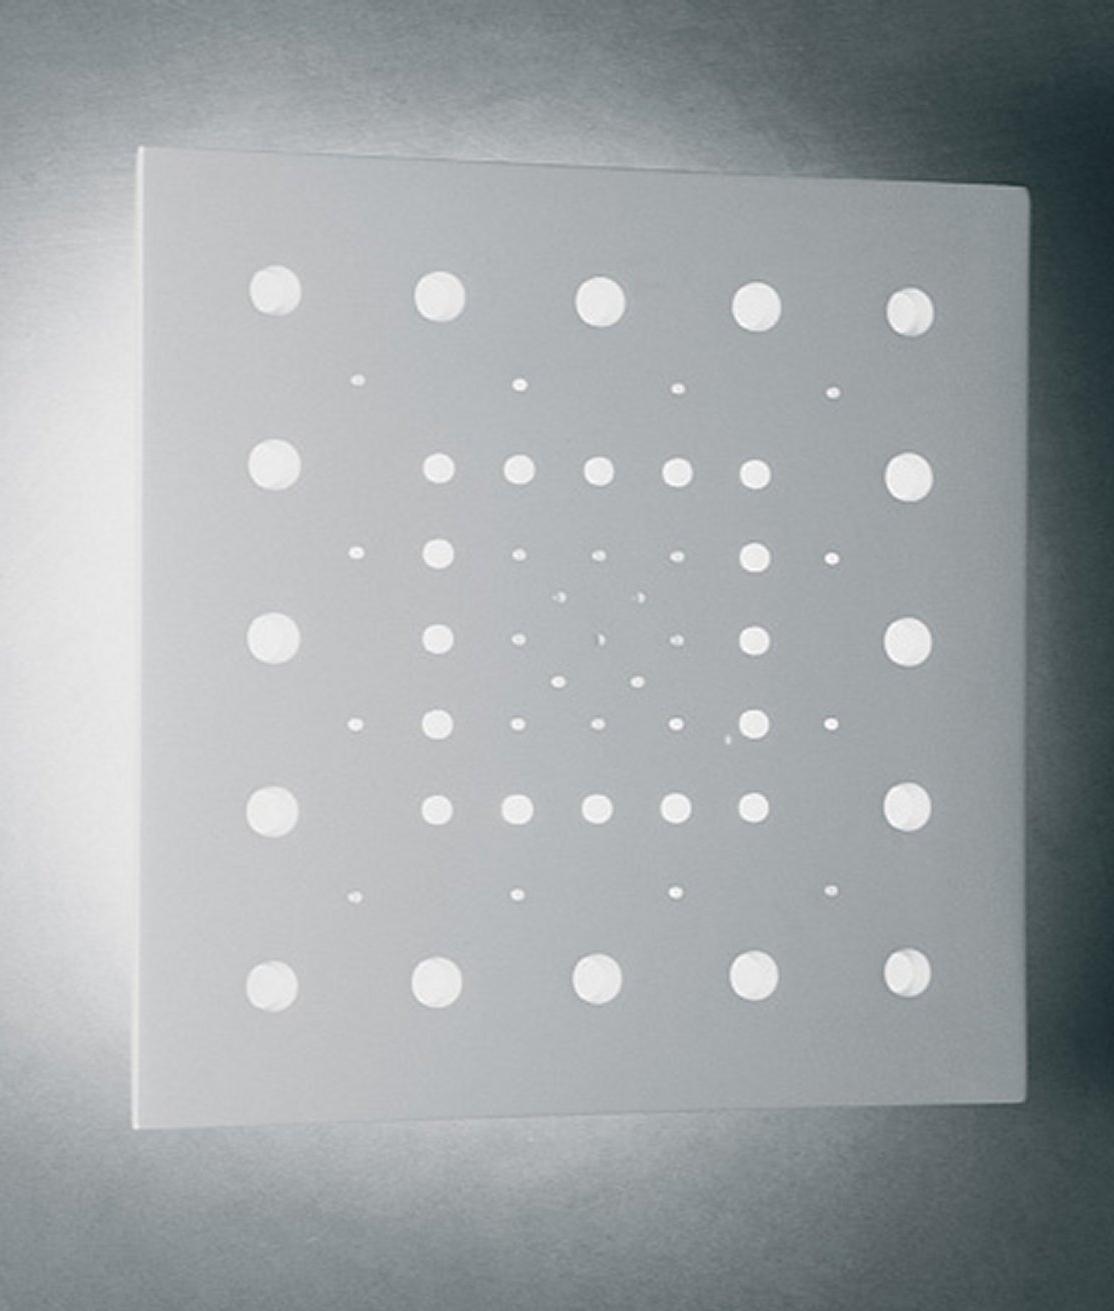 dot design wall light large 500mm square. Black Bedroom Furniture Sets. Home Design Ideas